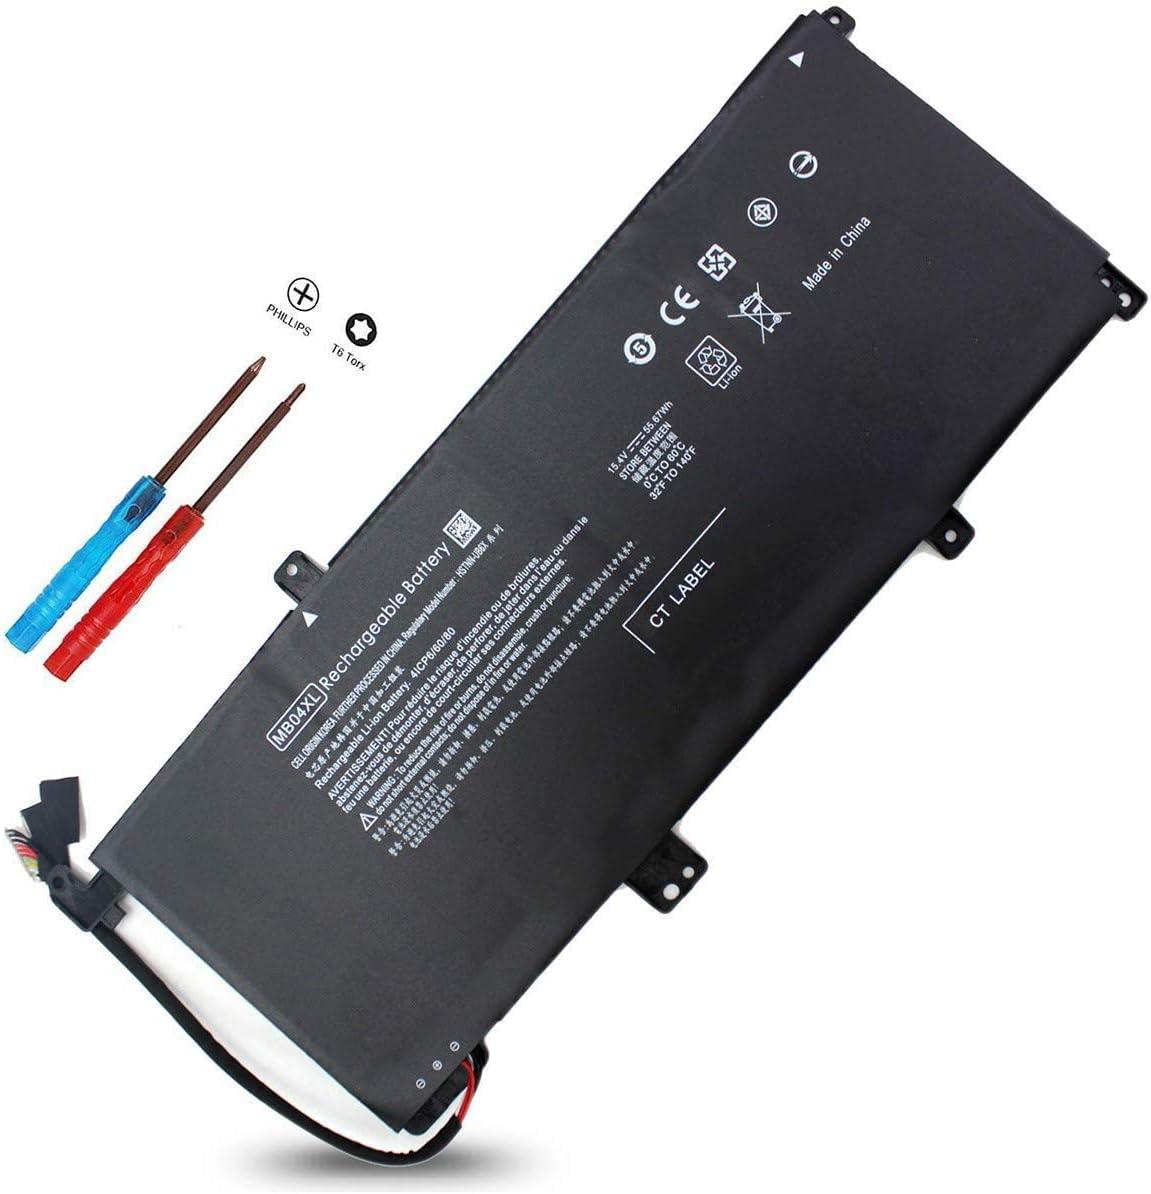 MB04XL Battery for HP Envy X360 M6 M6-AQ105DX M6-AQ103DX M6-AQ003DX M6-AQ005DX M6-AR004DX 15-AQ273CL 15-AQ267CL 844204-850 HSTNN-UB6X 15-AQ005NA 15-AQ101NG 15-AQ015NR 15-AQ173CL MBO4XL 843538-541